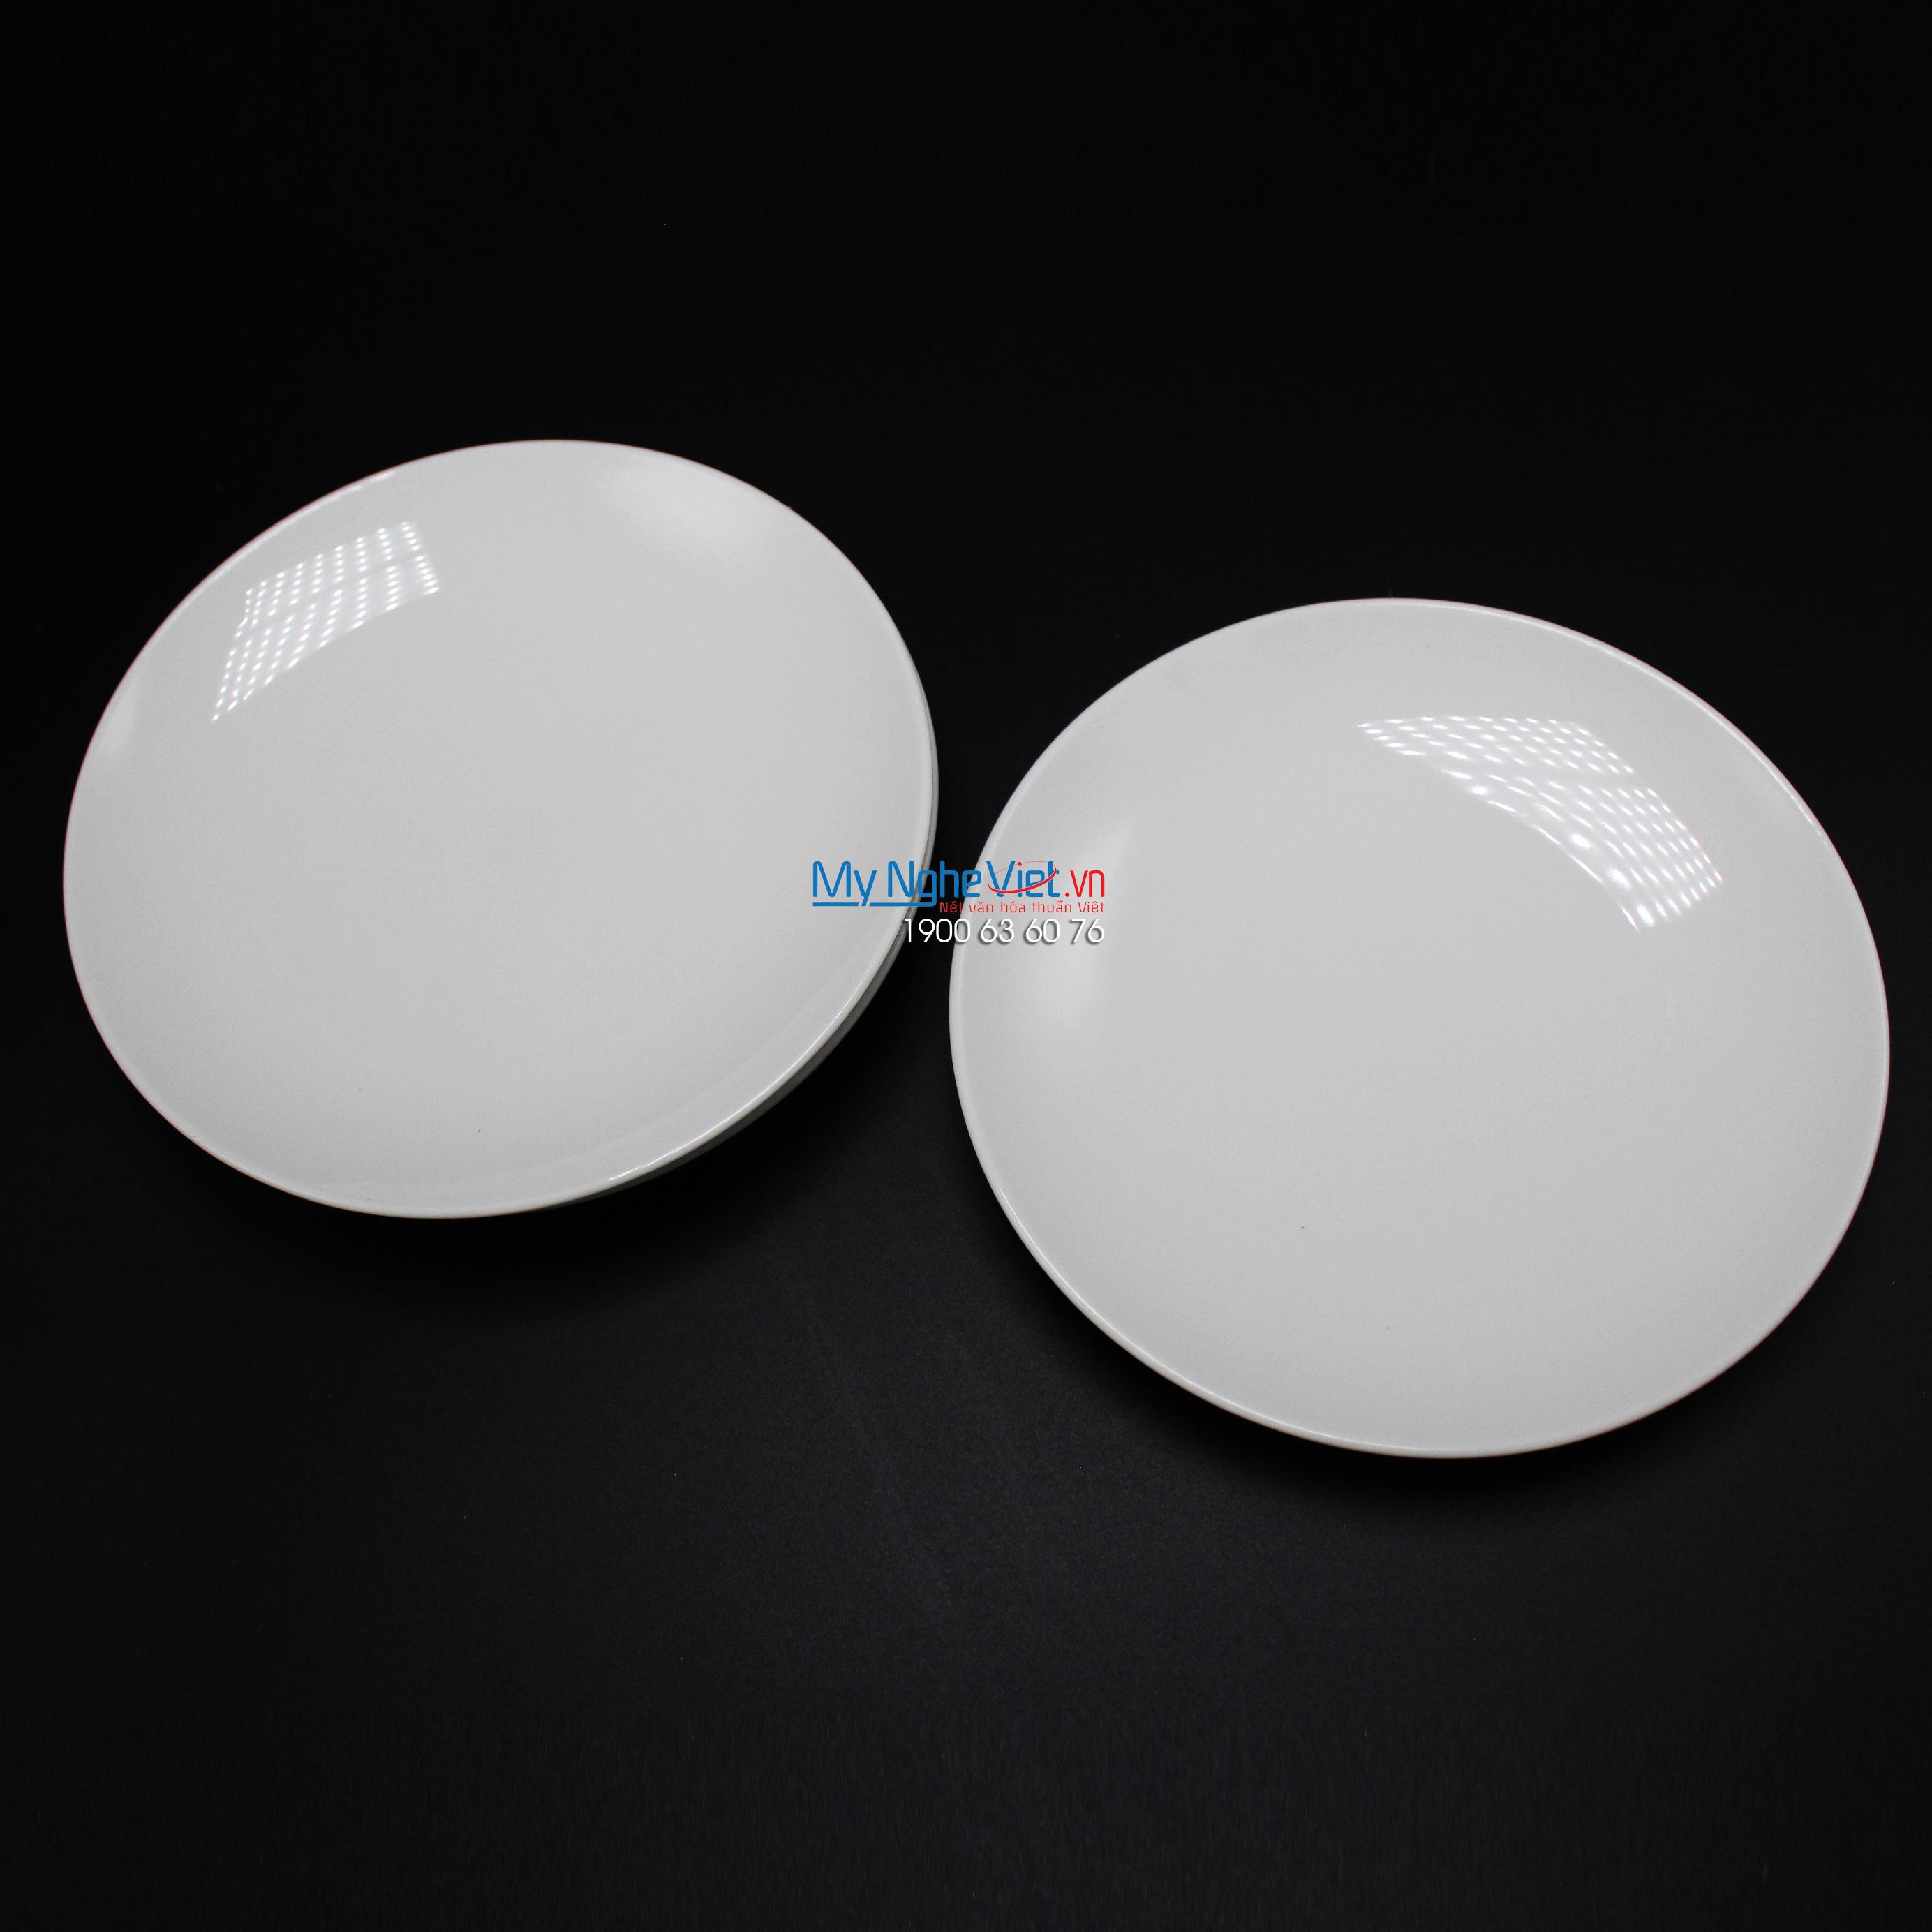 Dĩa lót thố súp 17.5 cm trắng ngà - MNV - 581769000